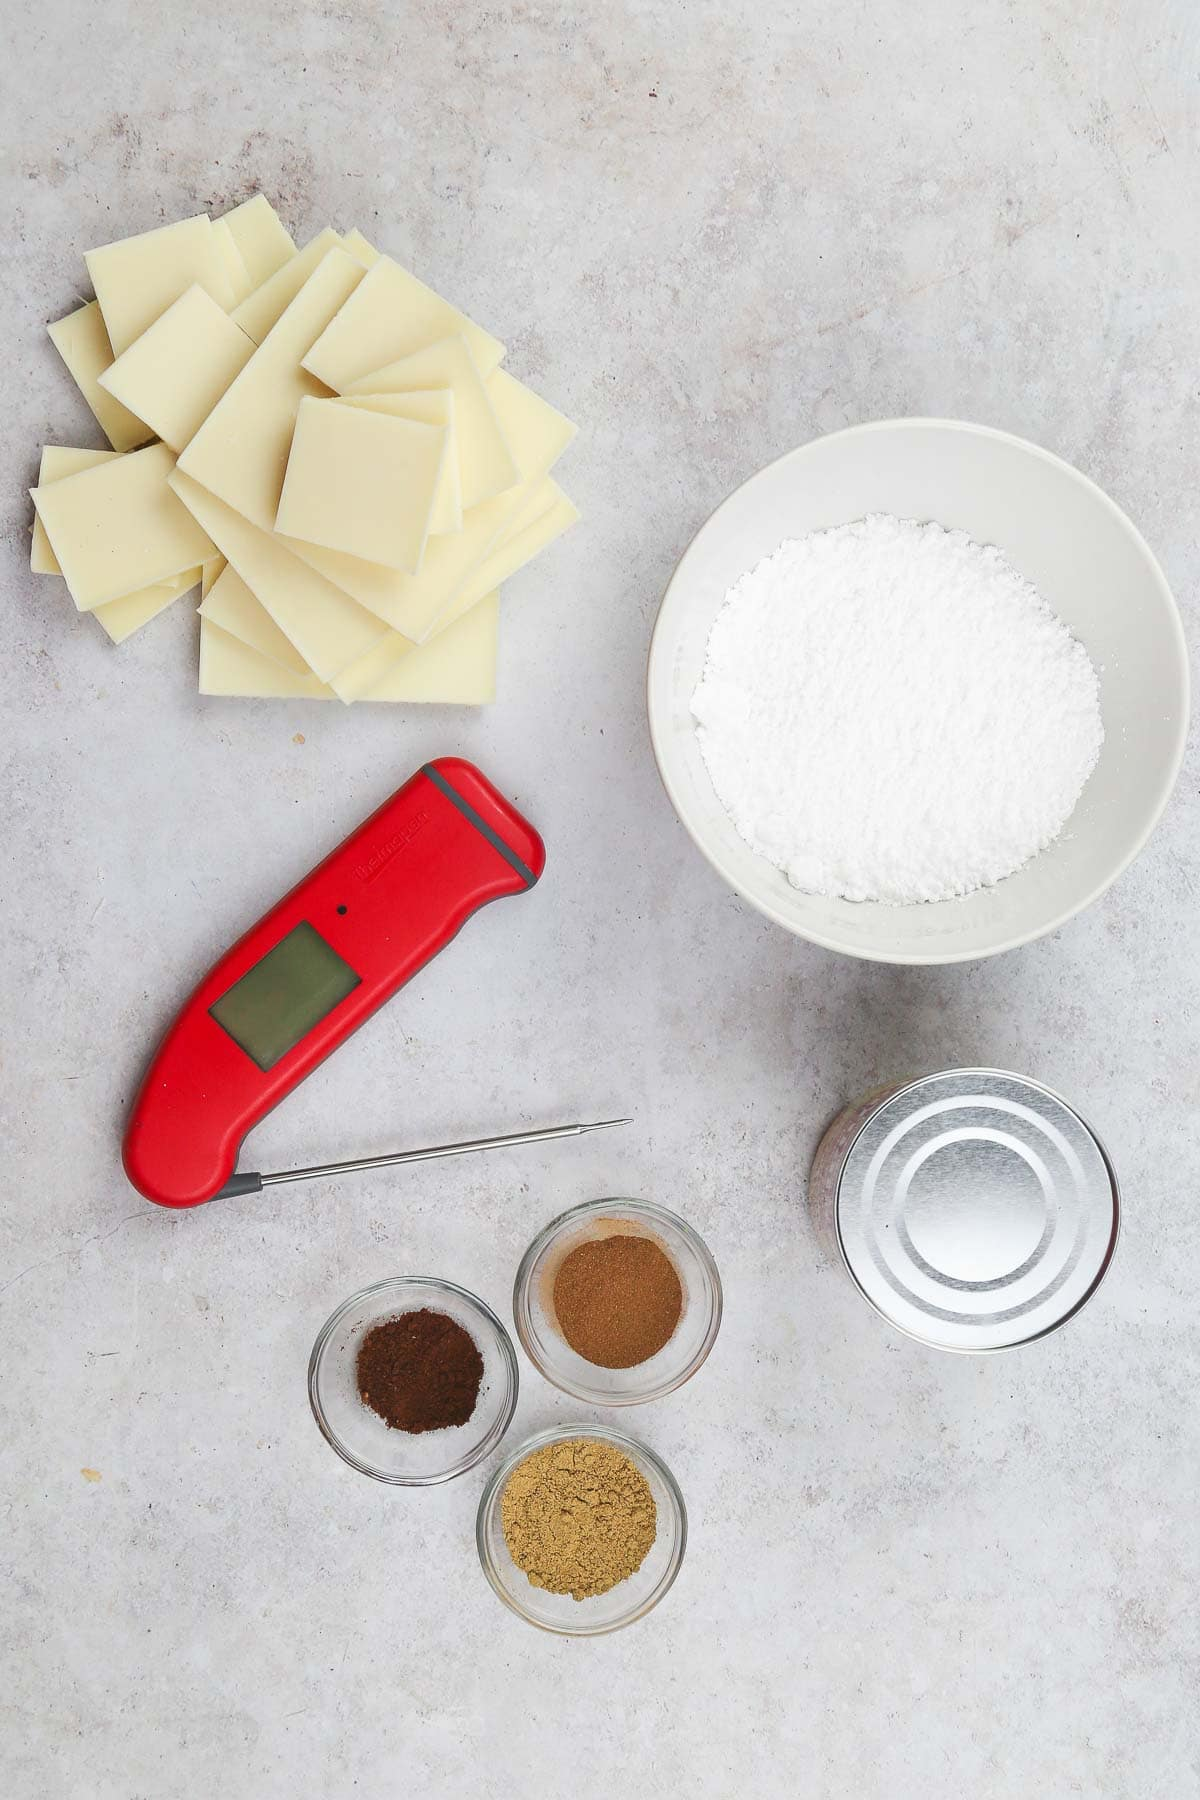 gingerbread fudge ingredients